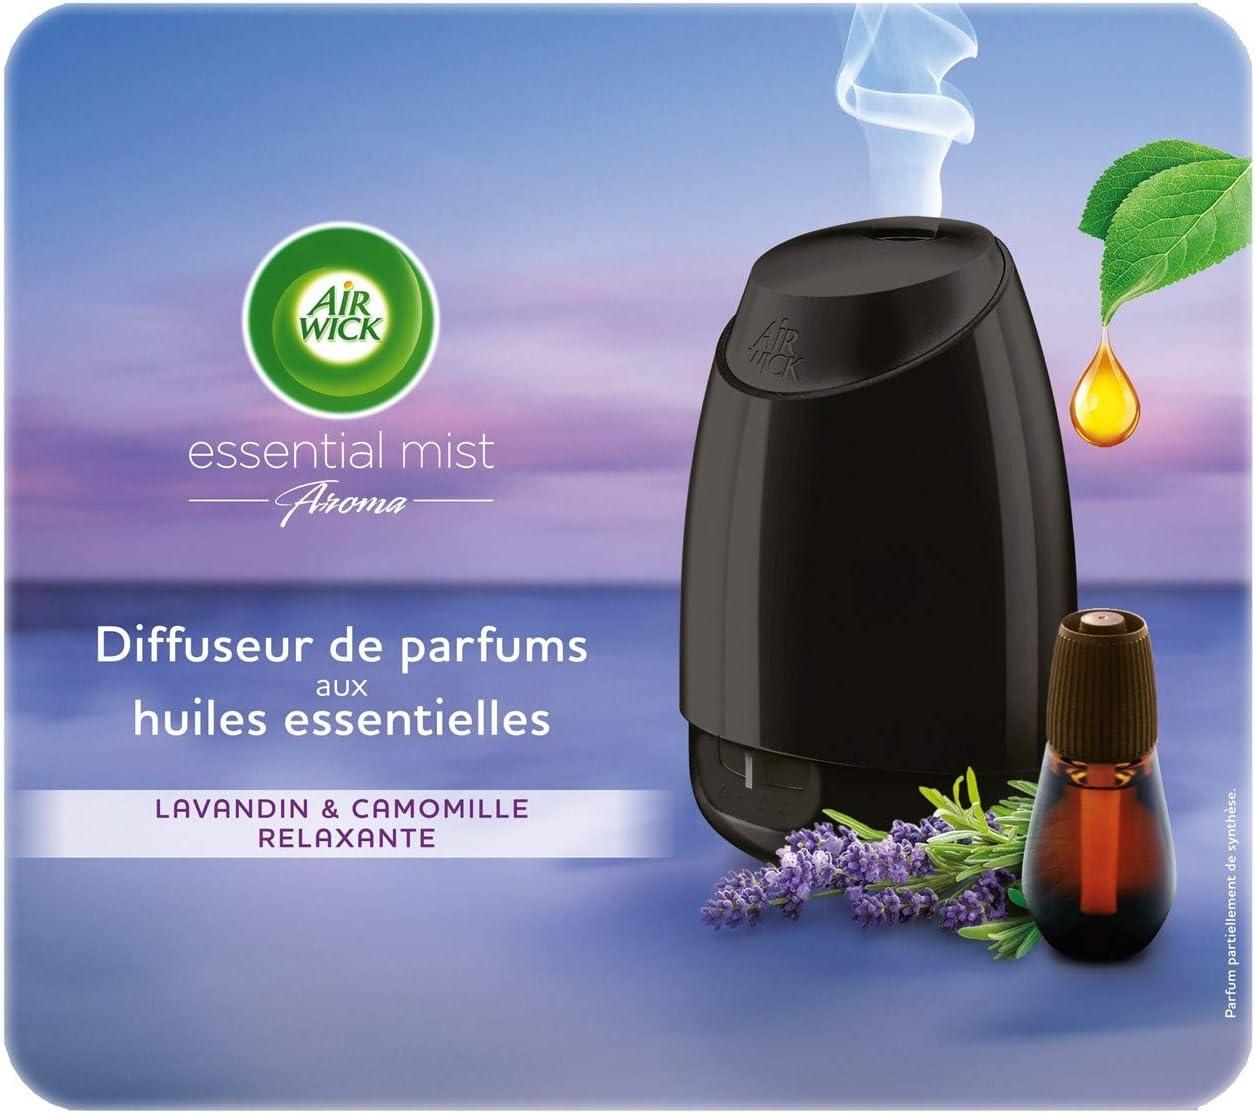 Diffuseur d'huiles essentielles Air Wick + recharge Lavande en promotion